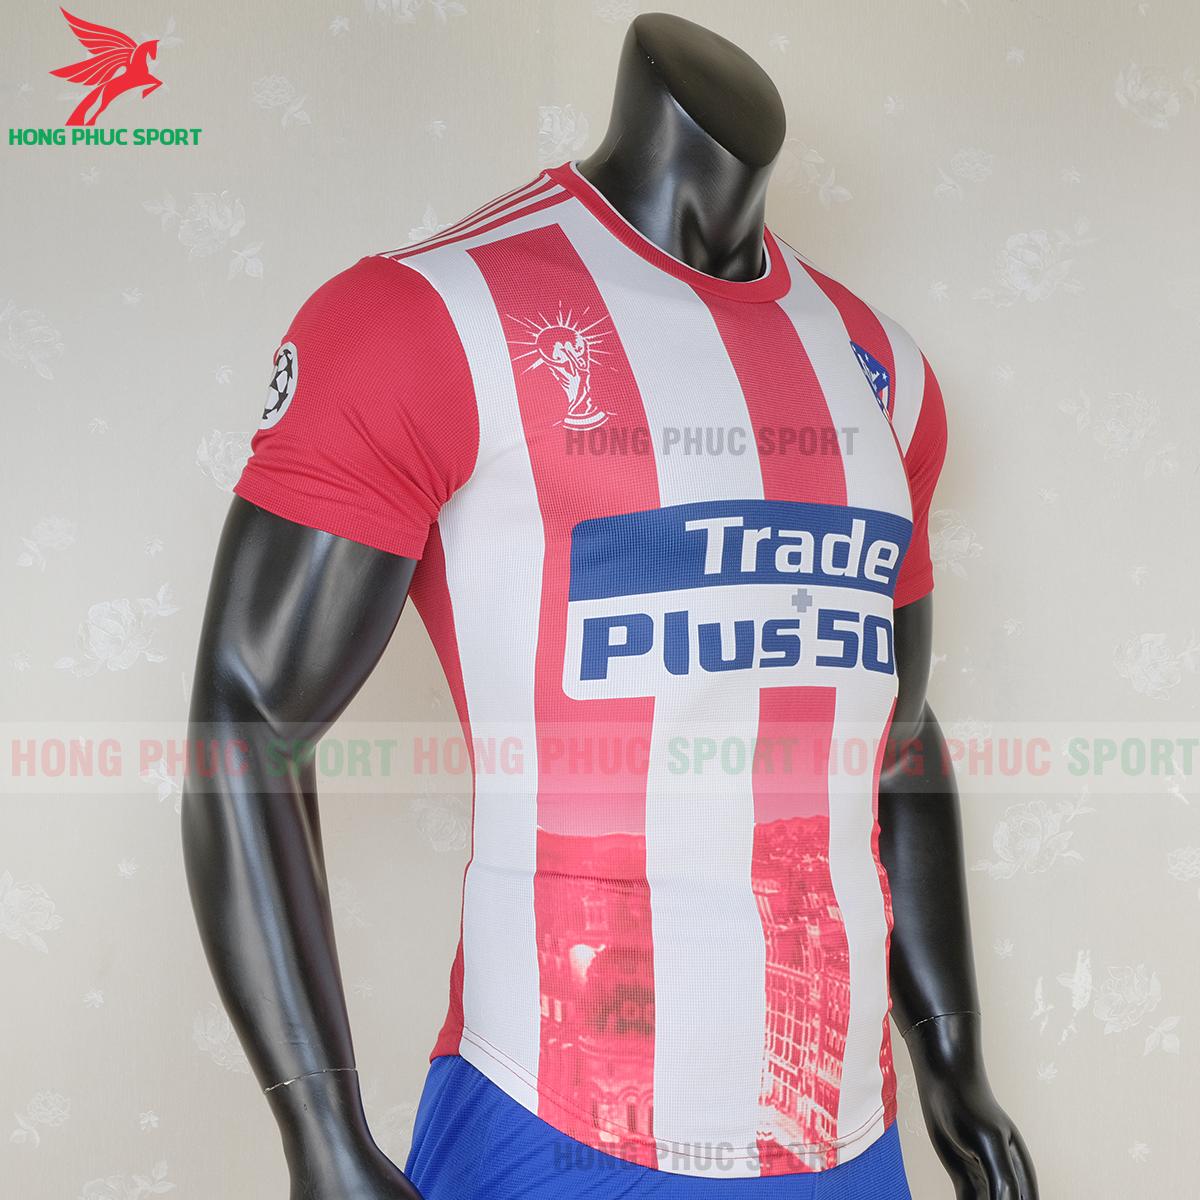 https://cdn.hongphucsport.com/unsafe/s4.shopbay.vn/files/285/ao-bong-da-atletico-madrid-2020-2021-phien-ban-fan-mau-2-4-5f6d4c6941943.png